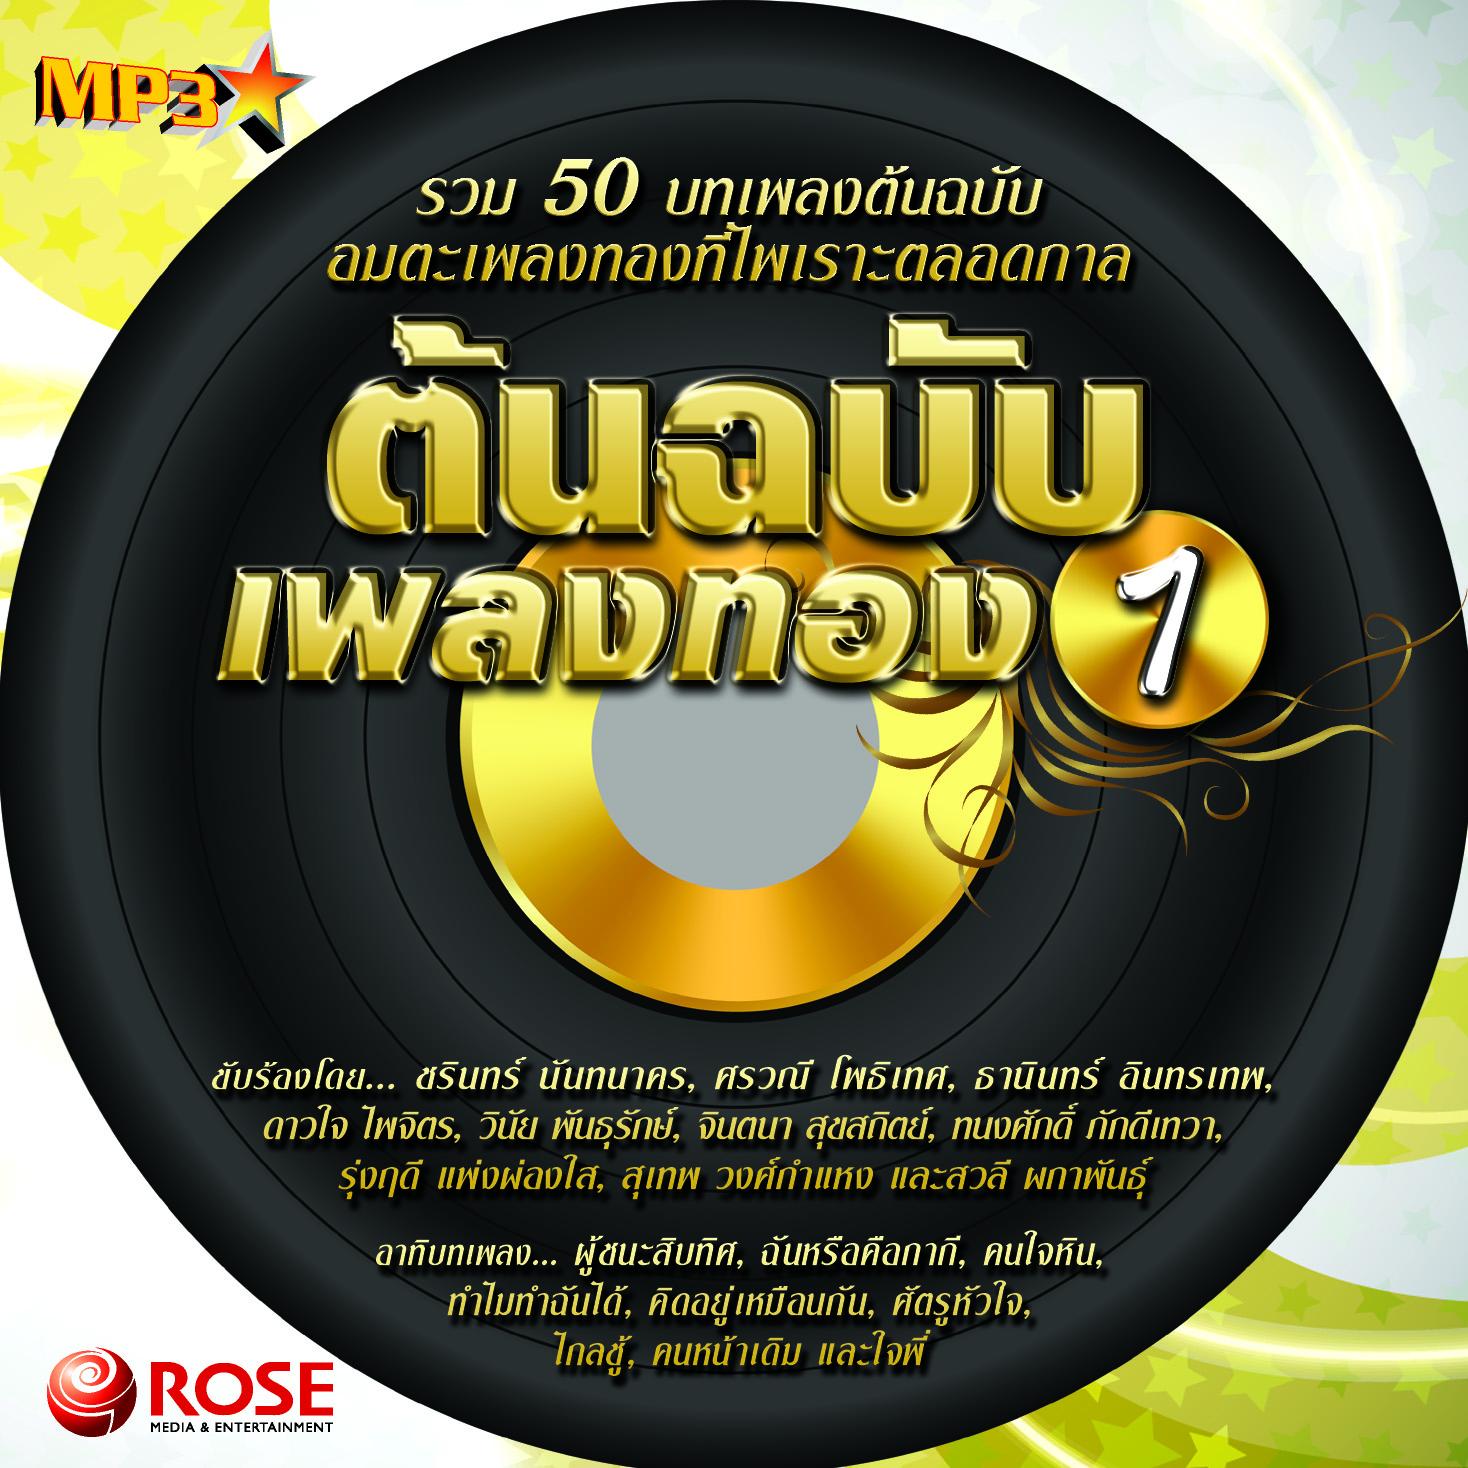 MP3 50 เพลง ต้นฉบับเพลงทอง 1(รวมต้นฉบับเพลงลูกกรุง)